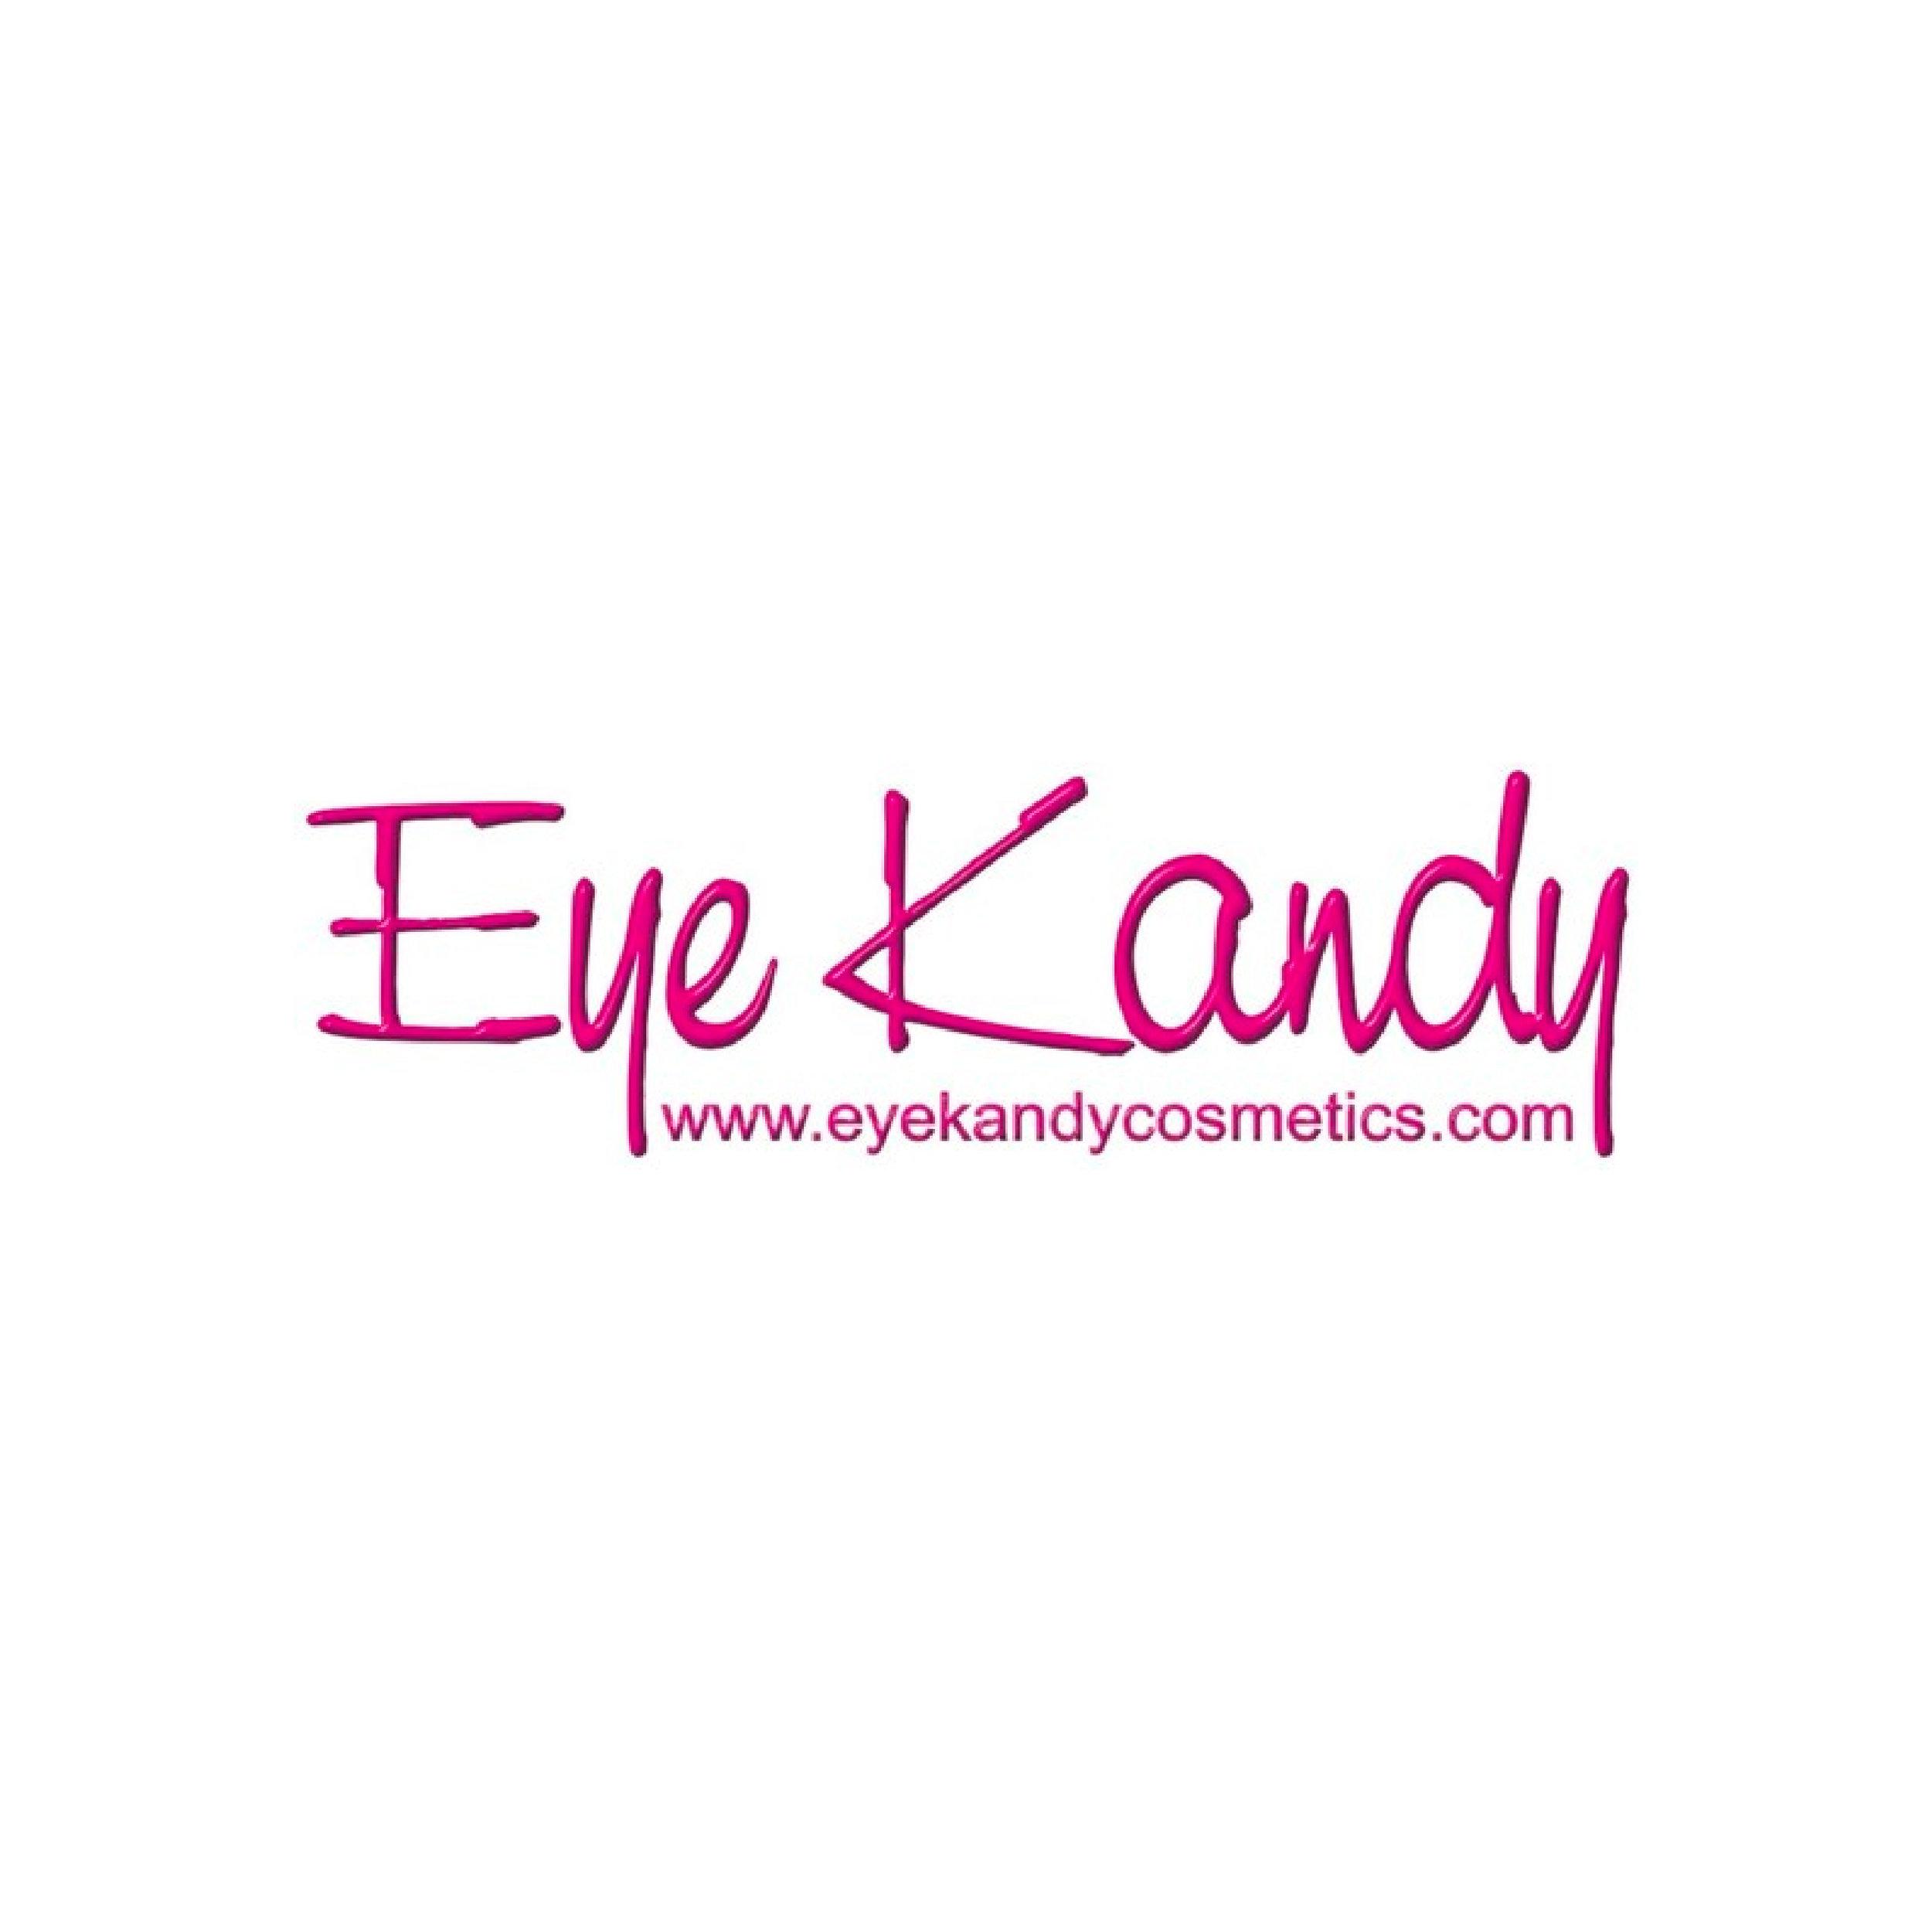 eyekandylogo.jpg